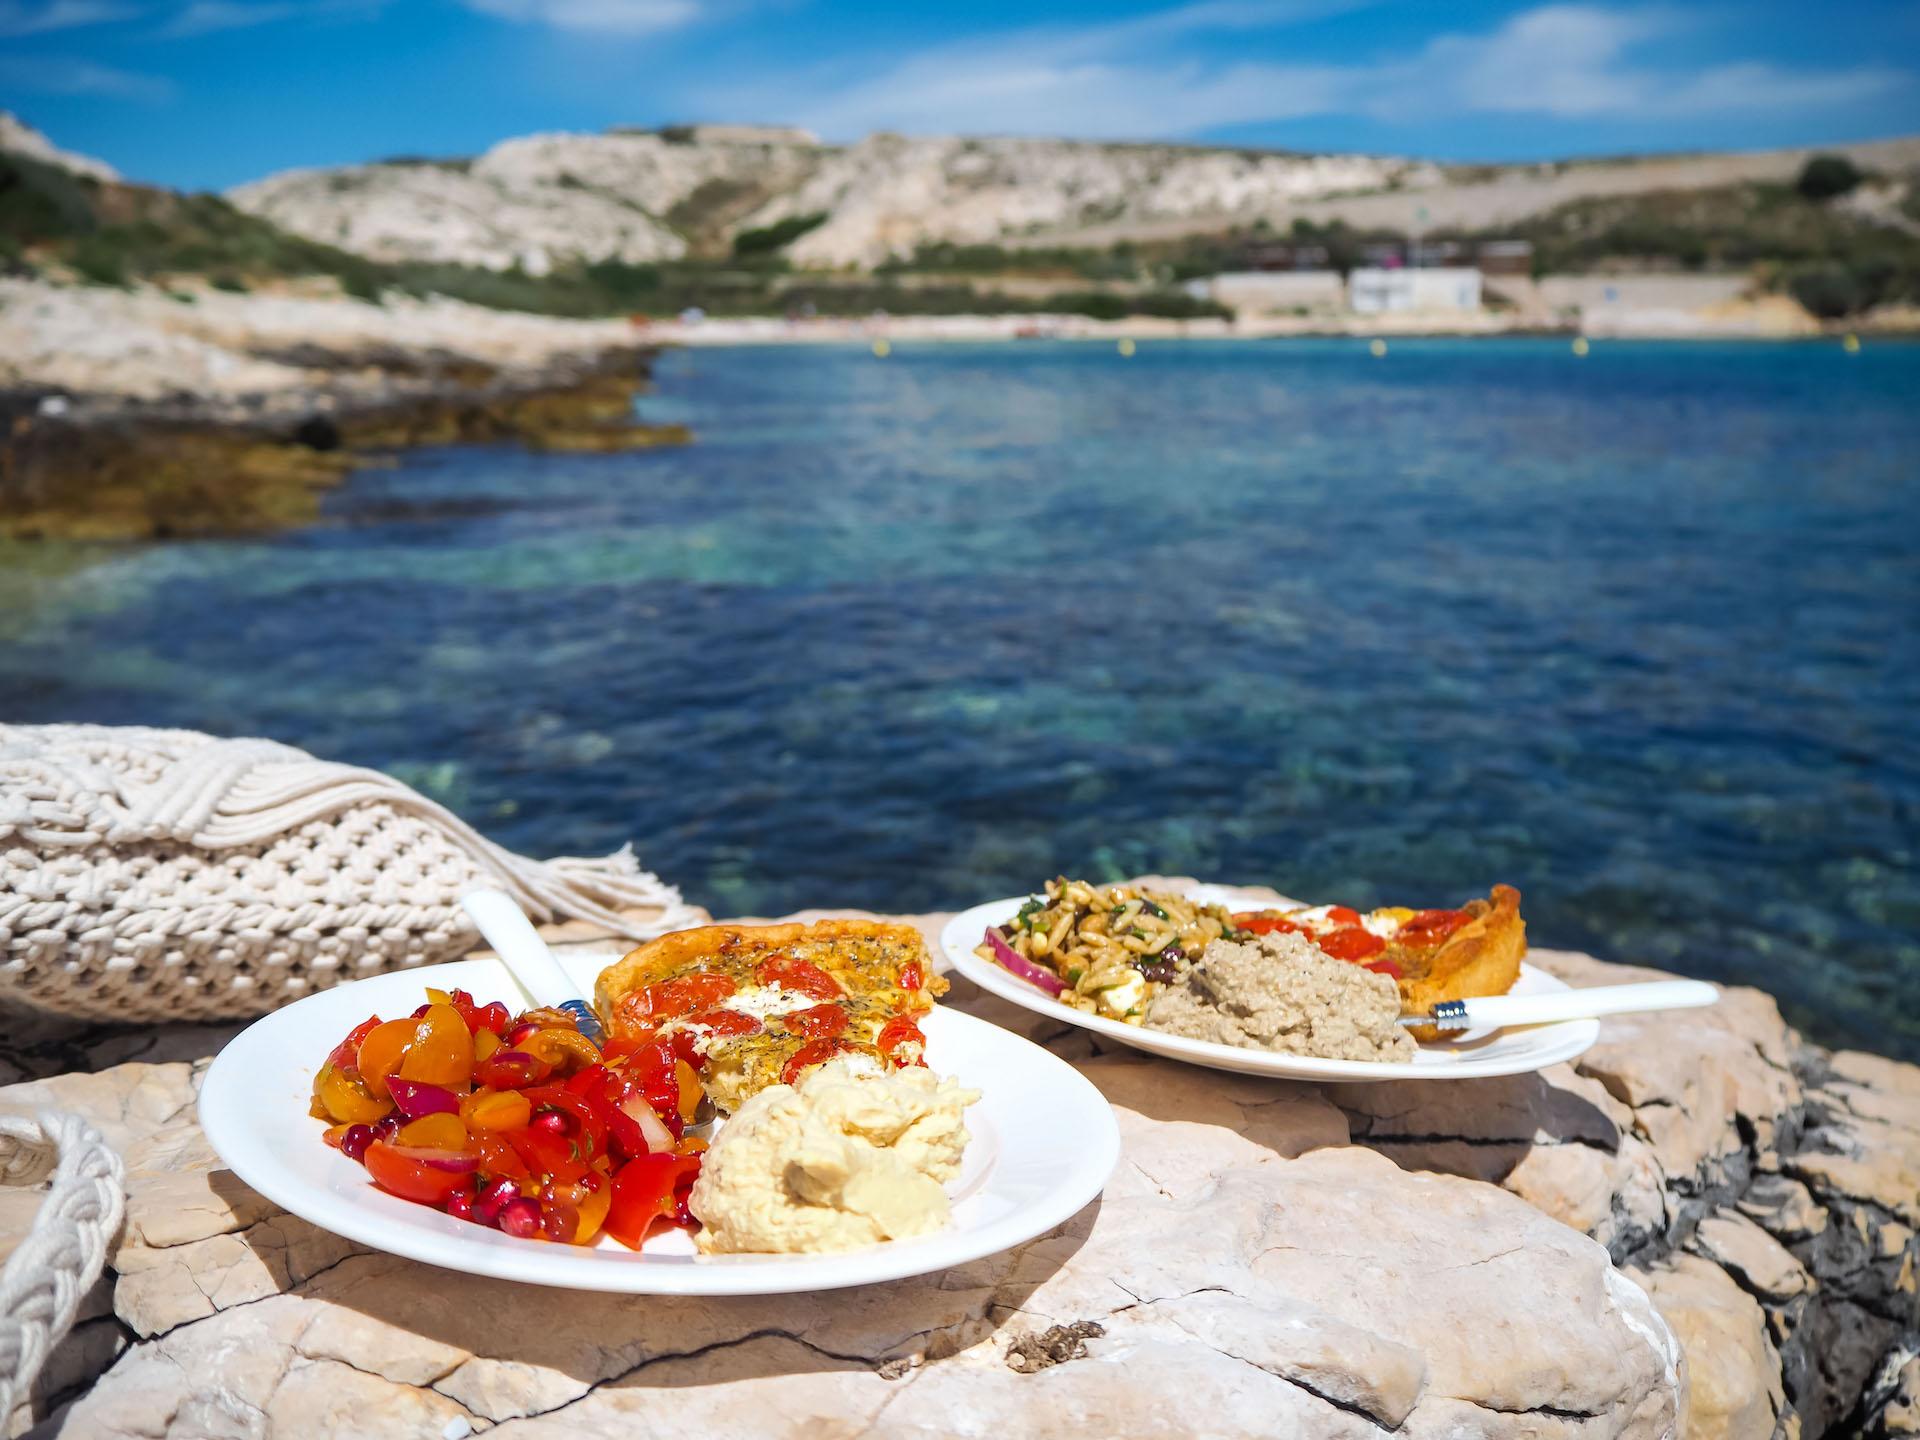 Dcouvrez Les Plus Beaux Endroits De Marseille On Met